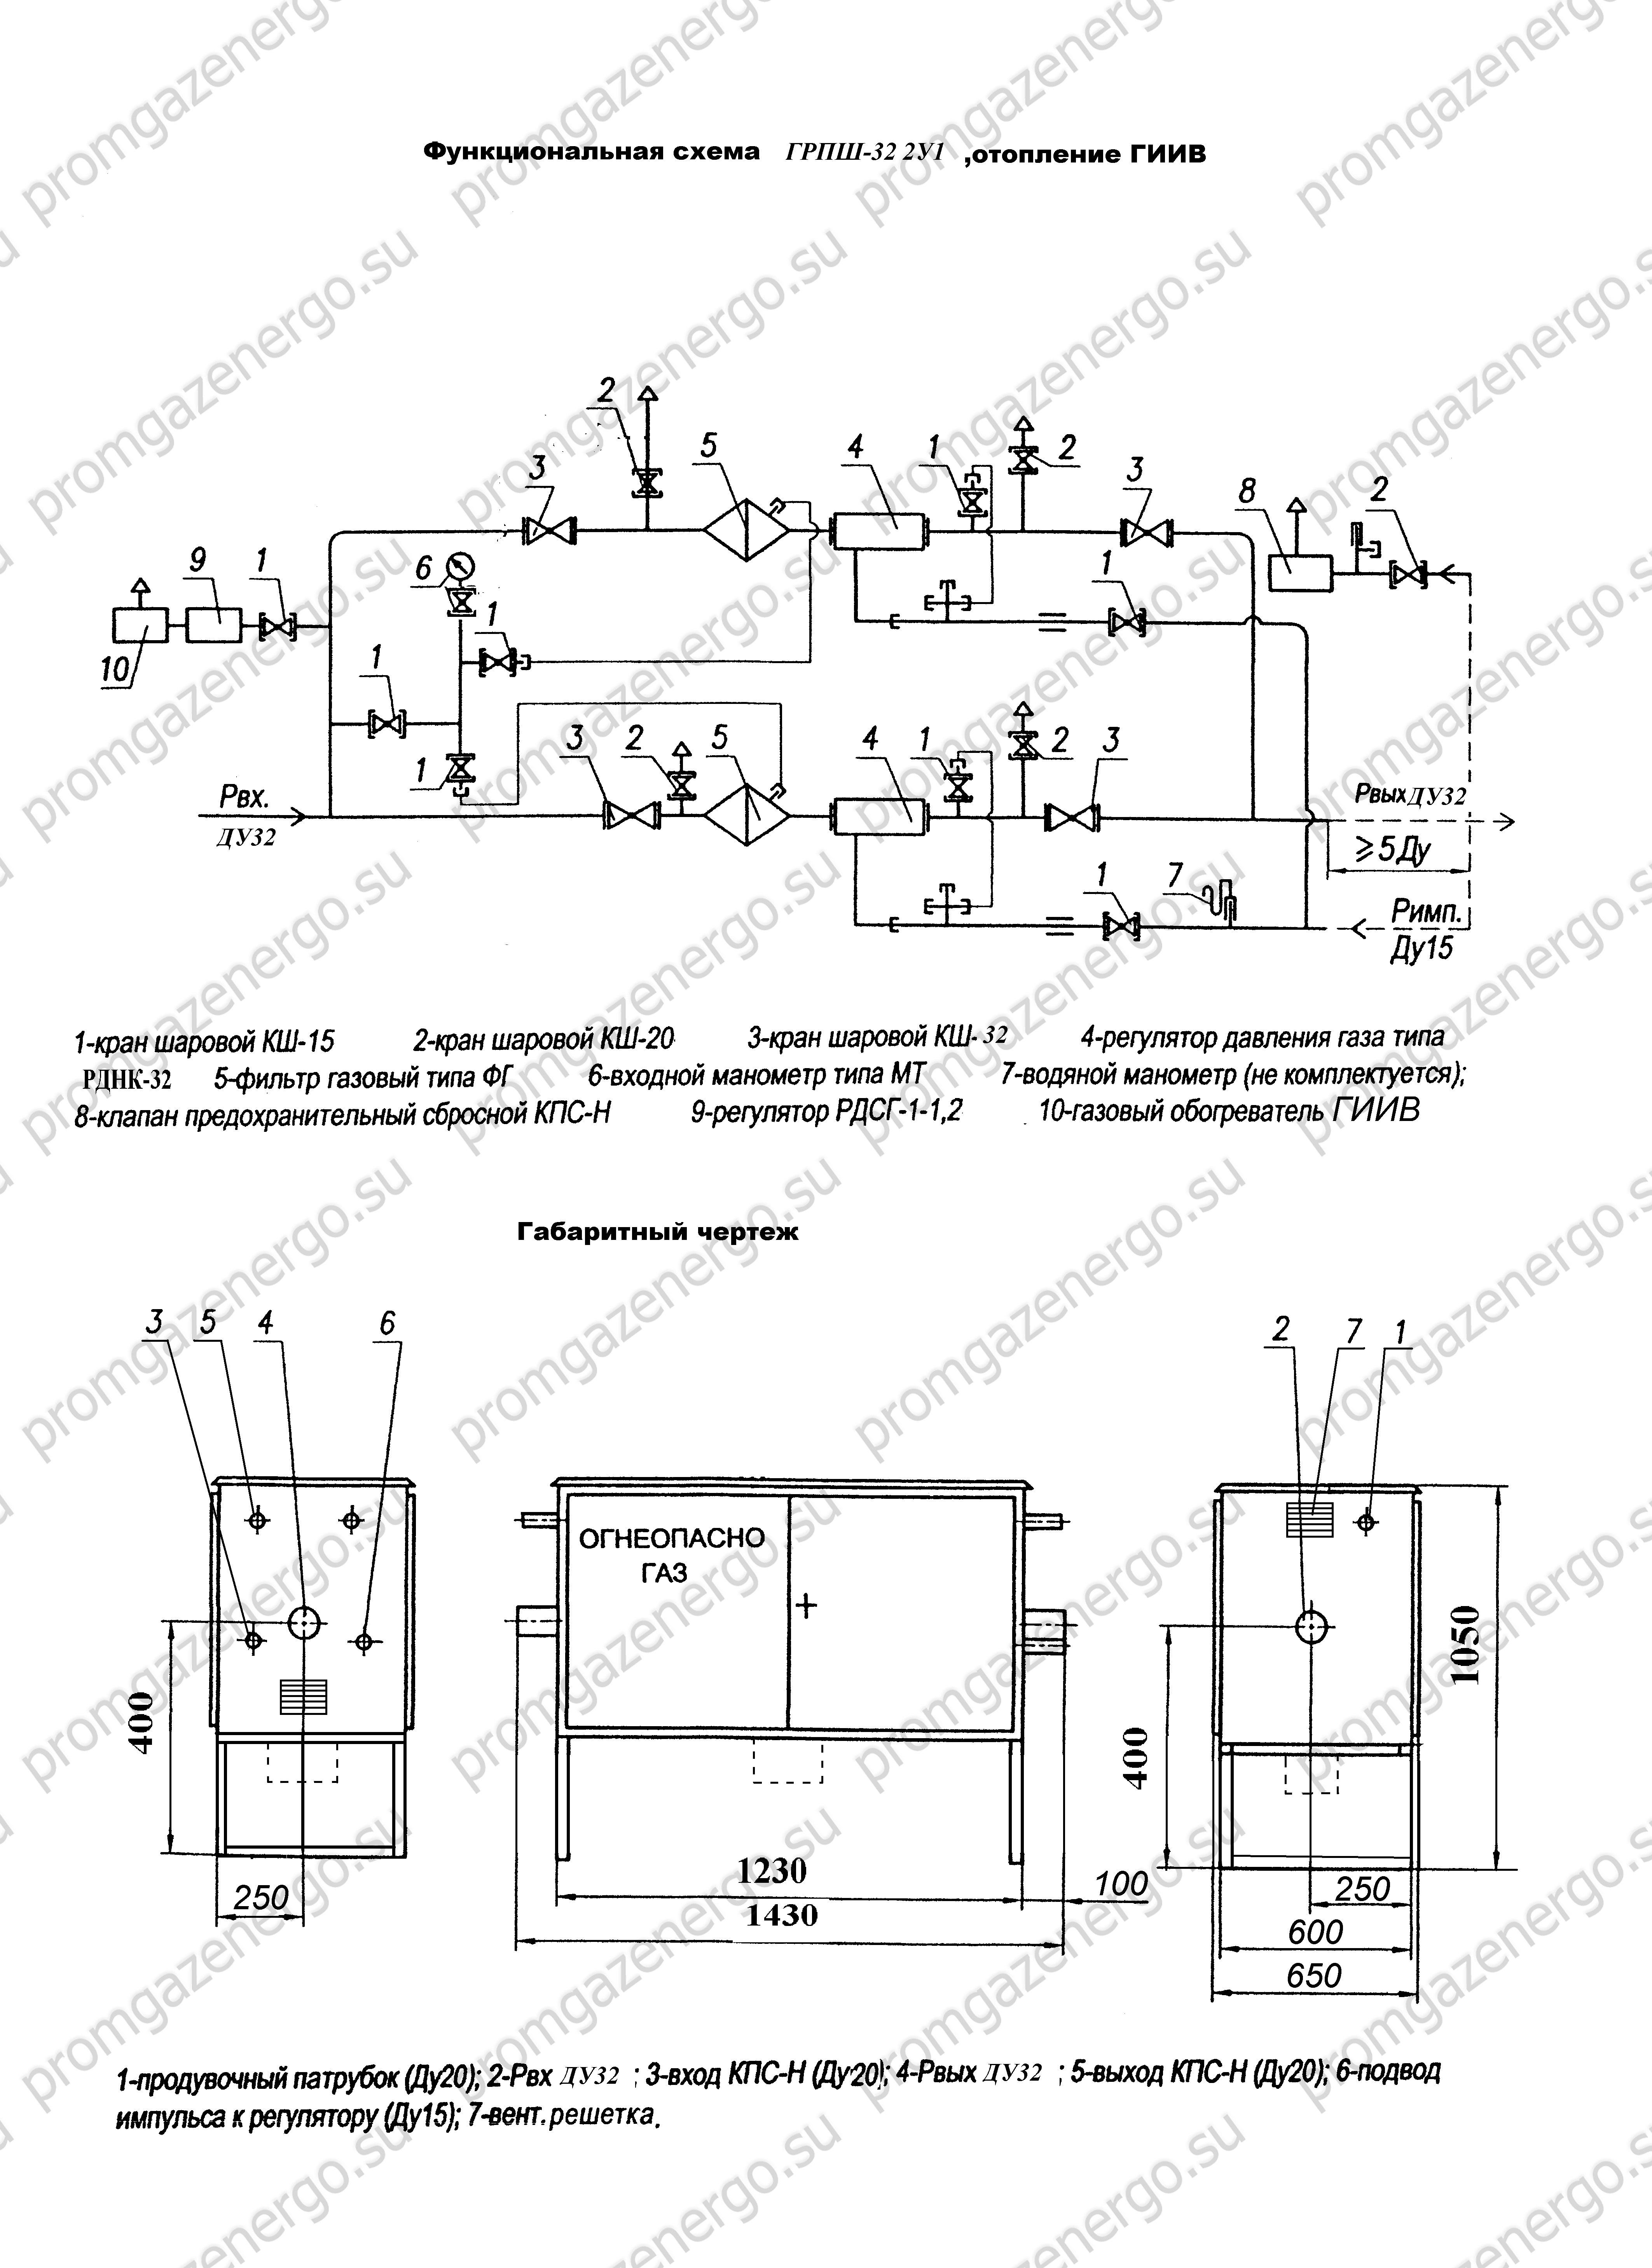 ГРПШ 32 2у1 характеристики